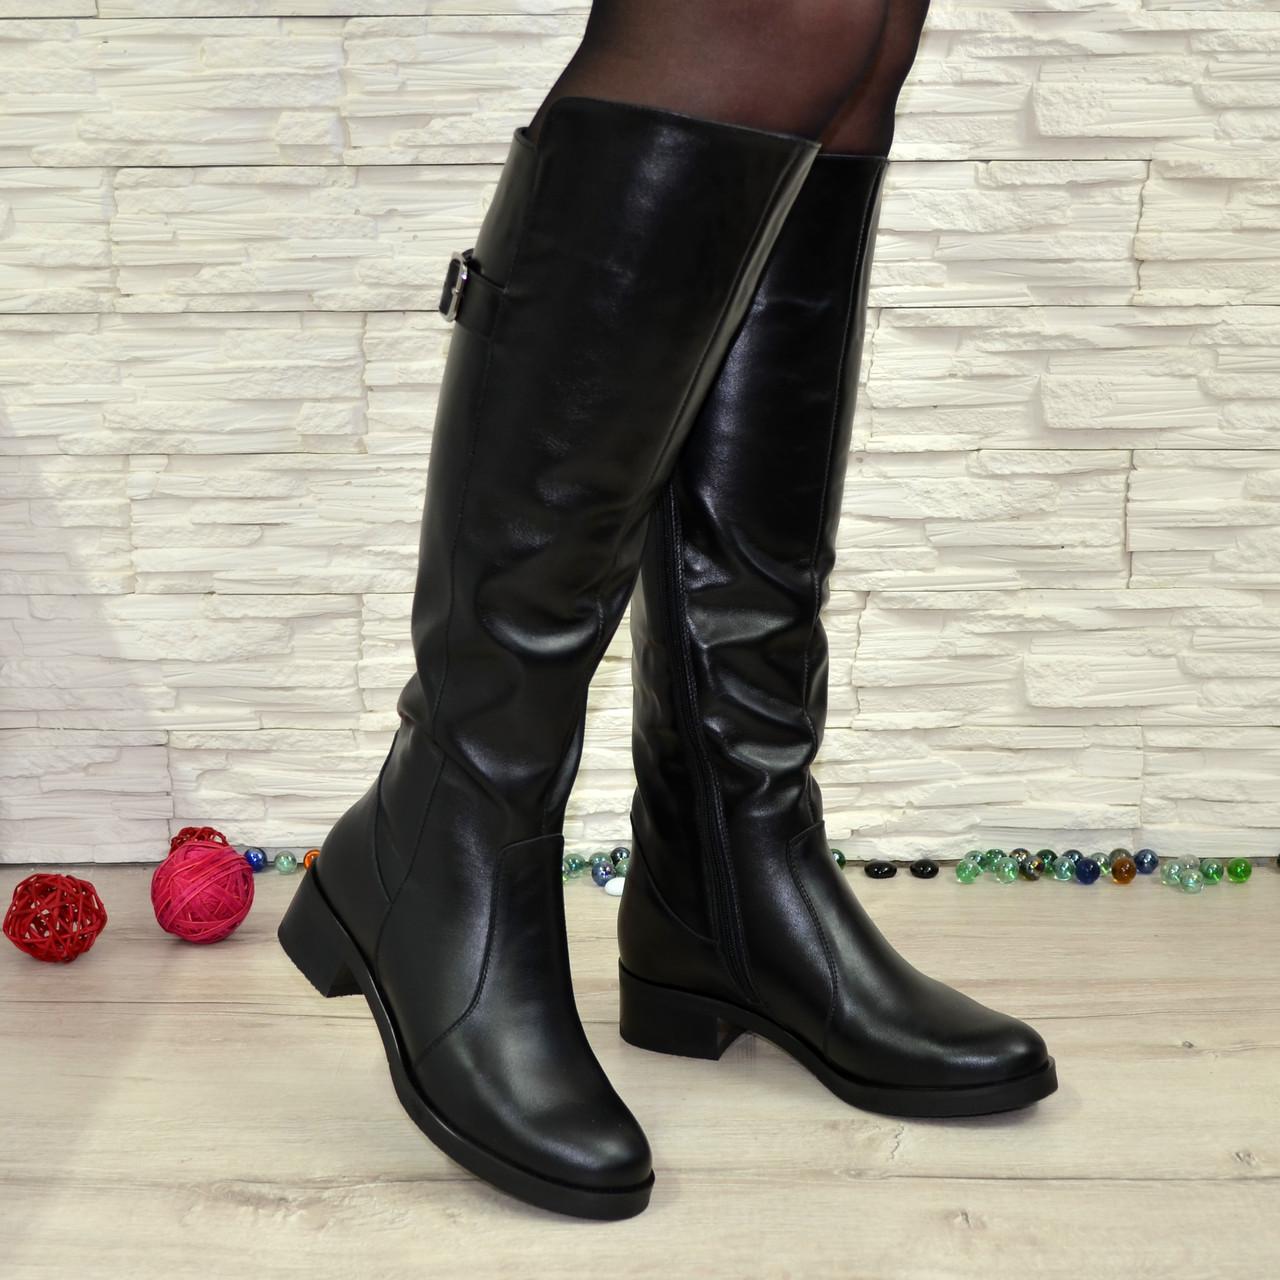 b1504409bed0 Сапоги женские зимние кожаные на невысоком устойчивом каблуке -  Интернет-магазин